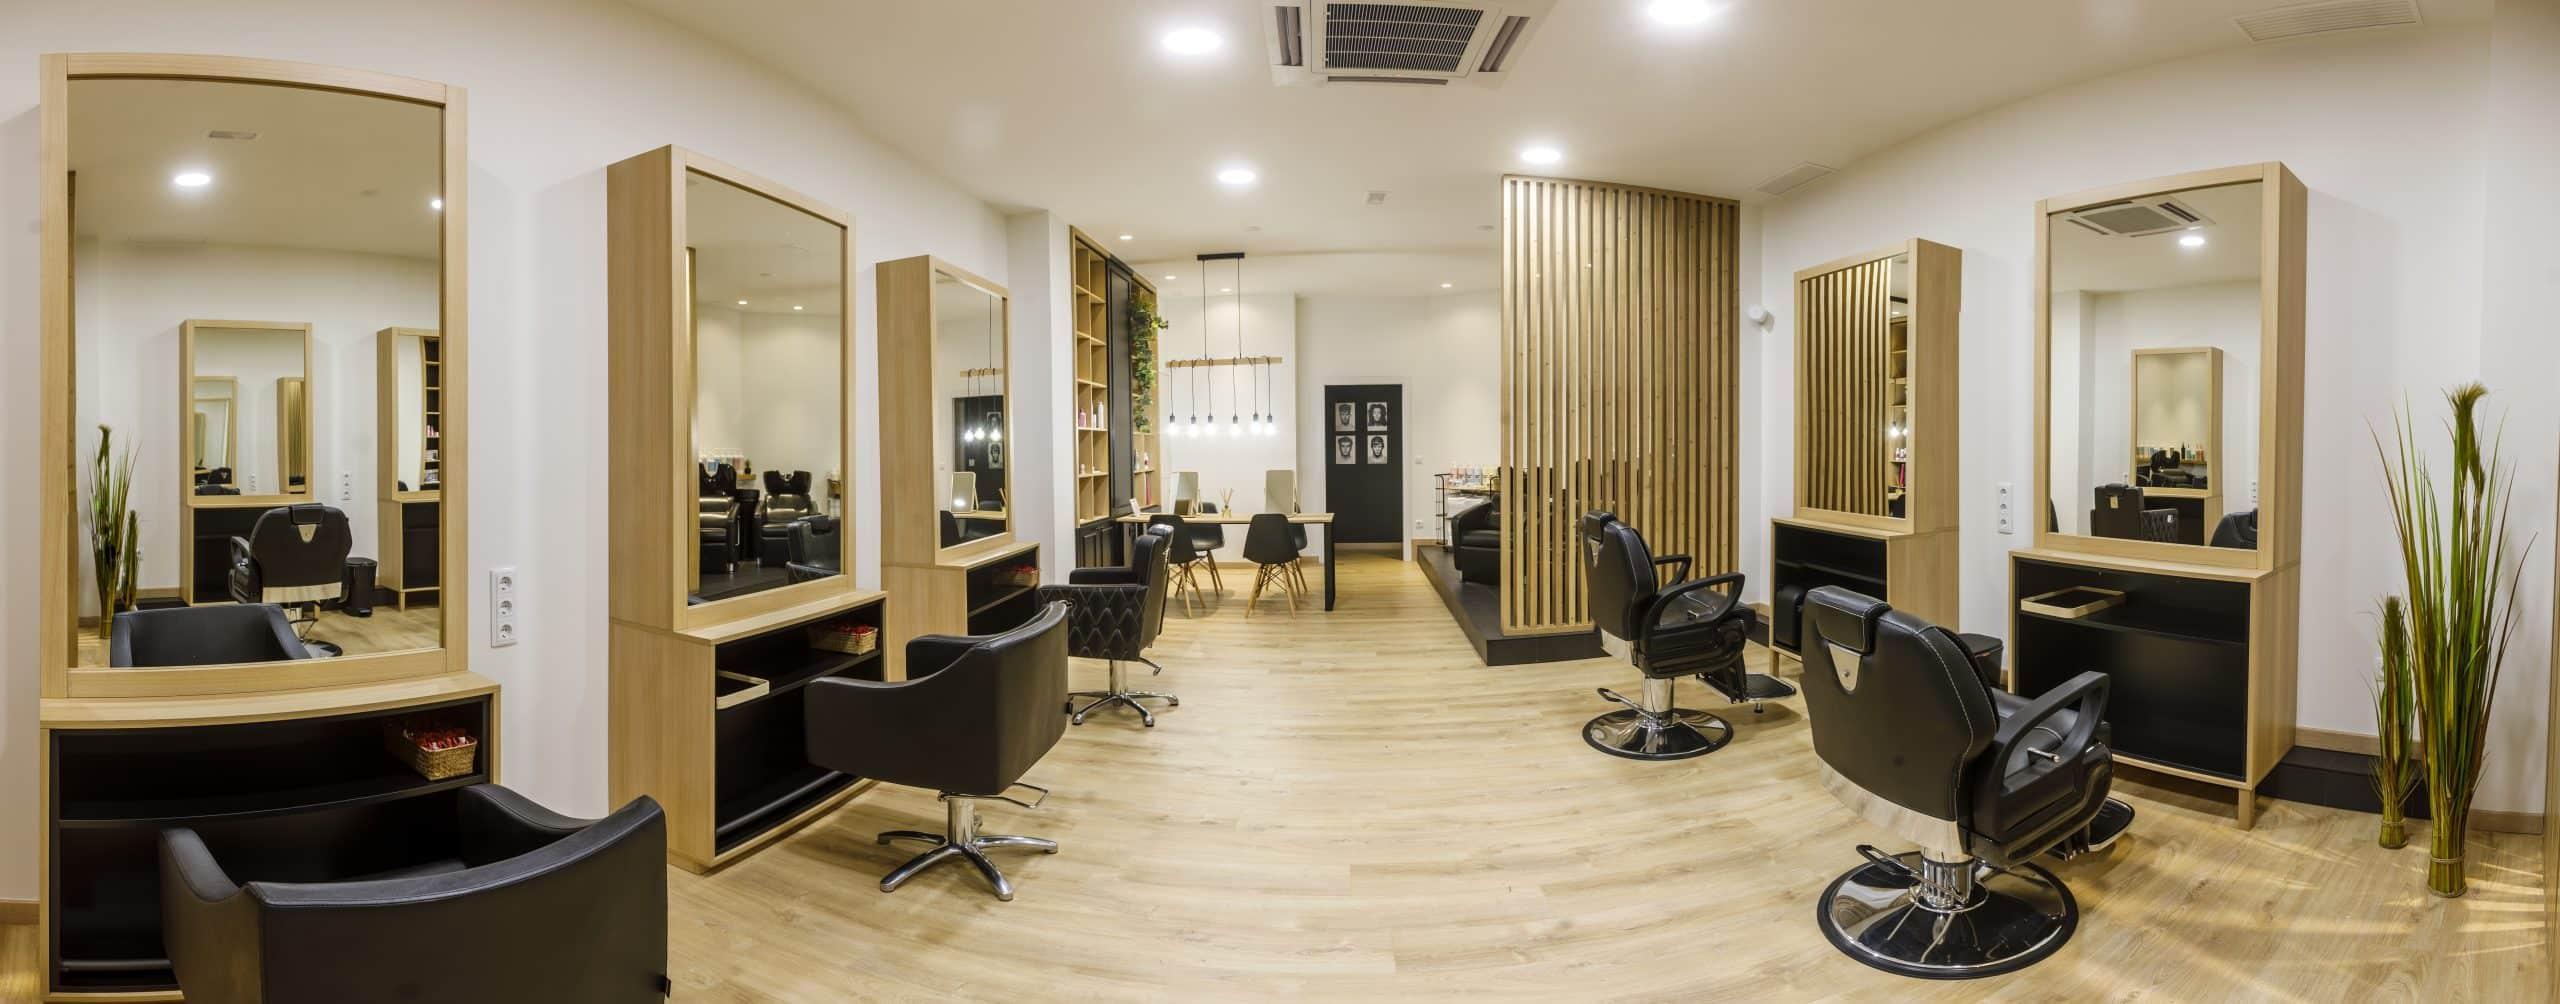 Nuevo Salon Makeover @jpegestudio3 scaled